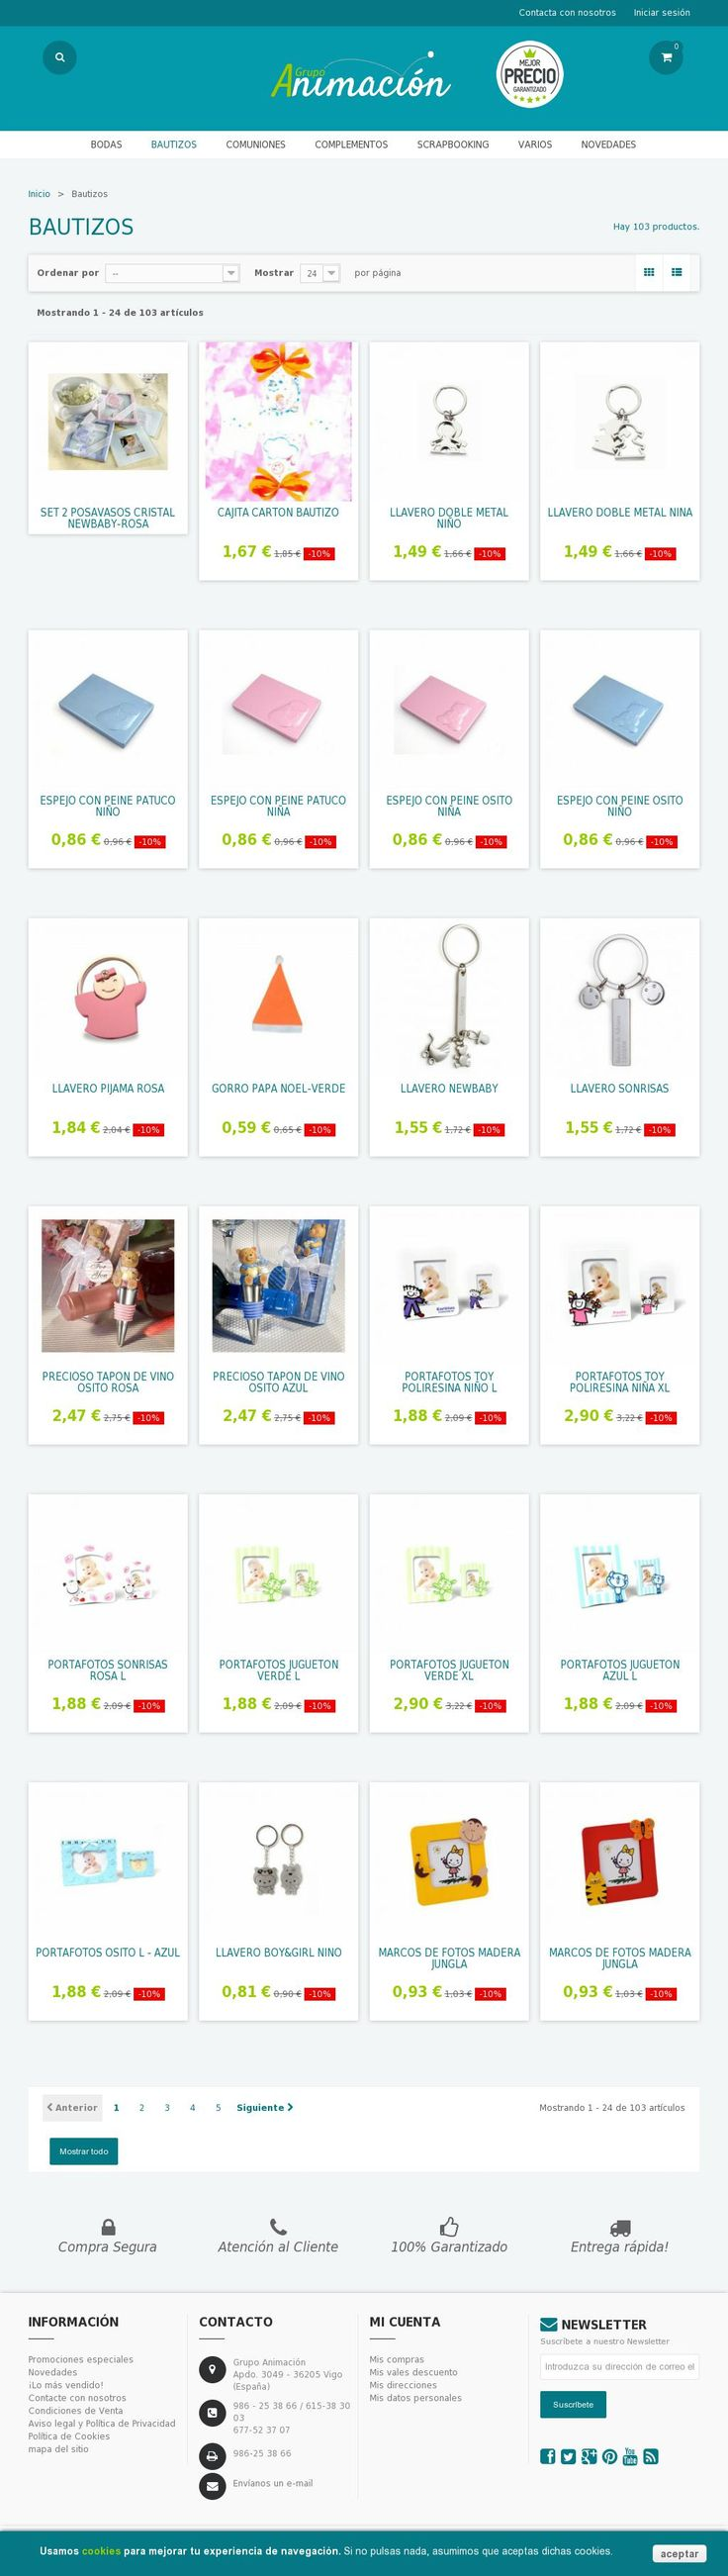 Compras online de Detalles y obsequios para Bautizos.  Tienda de #Regalos economicos en España para #Bautizos. Siguenos en https://www.facebook.com/bodasbautizoscomunionesregalos